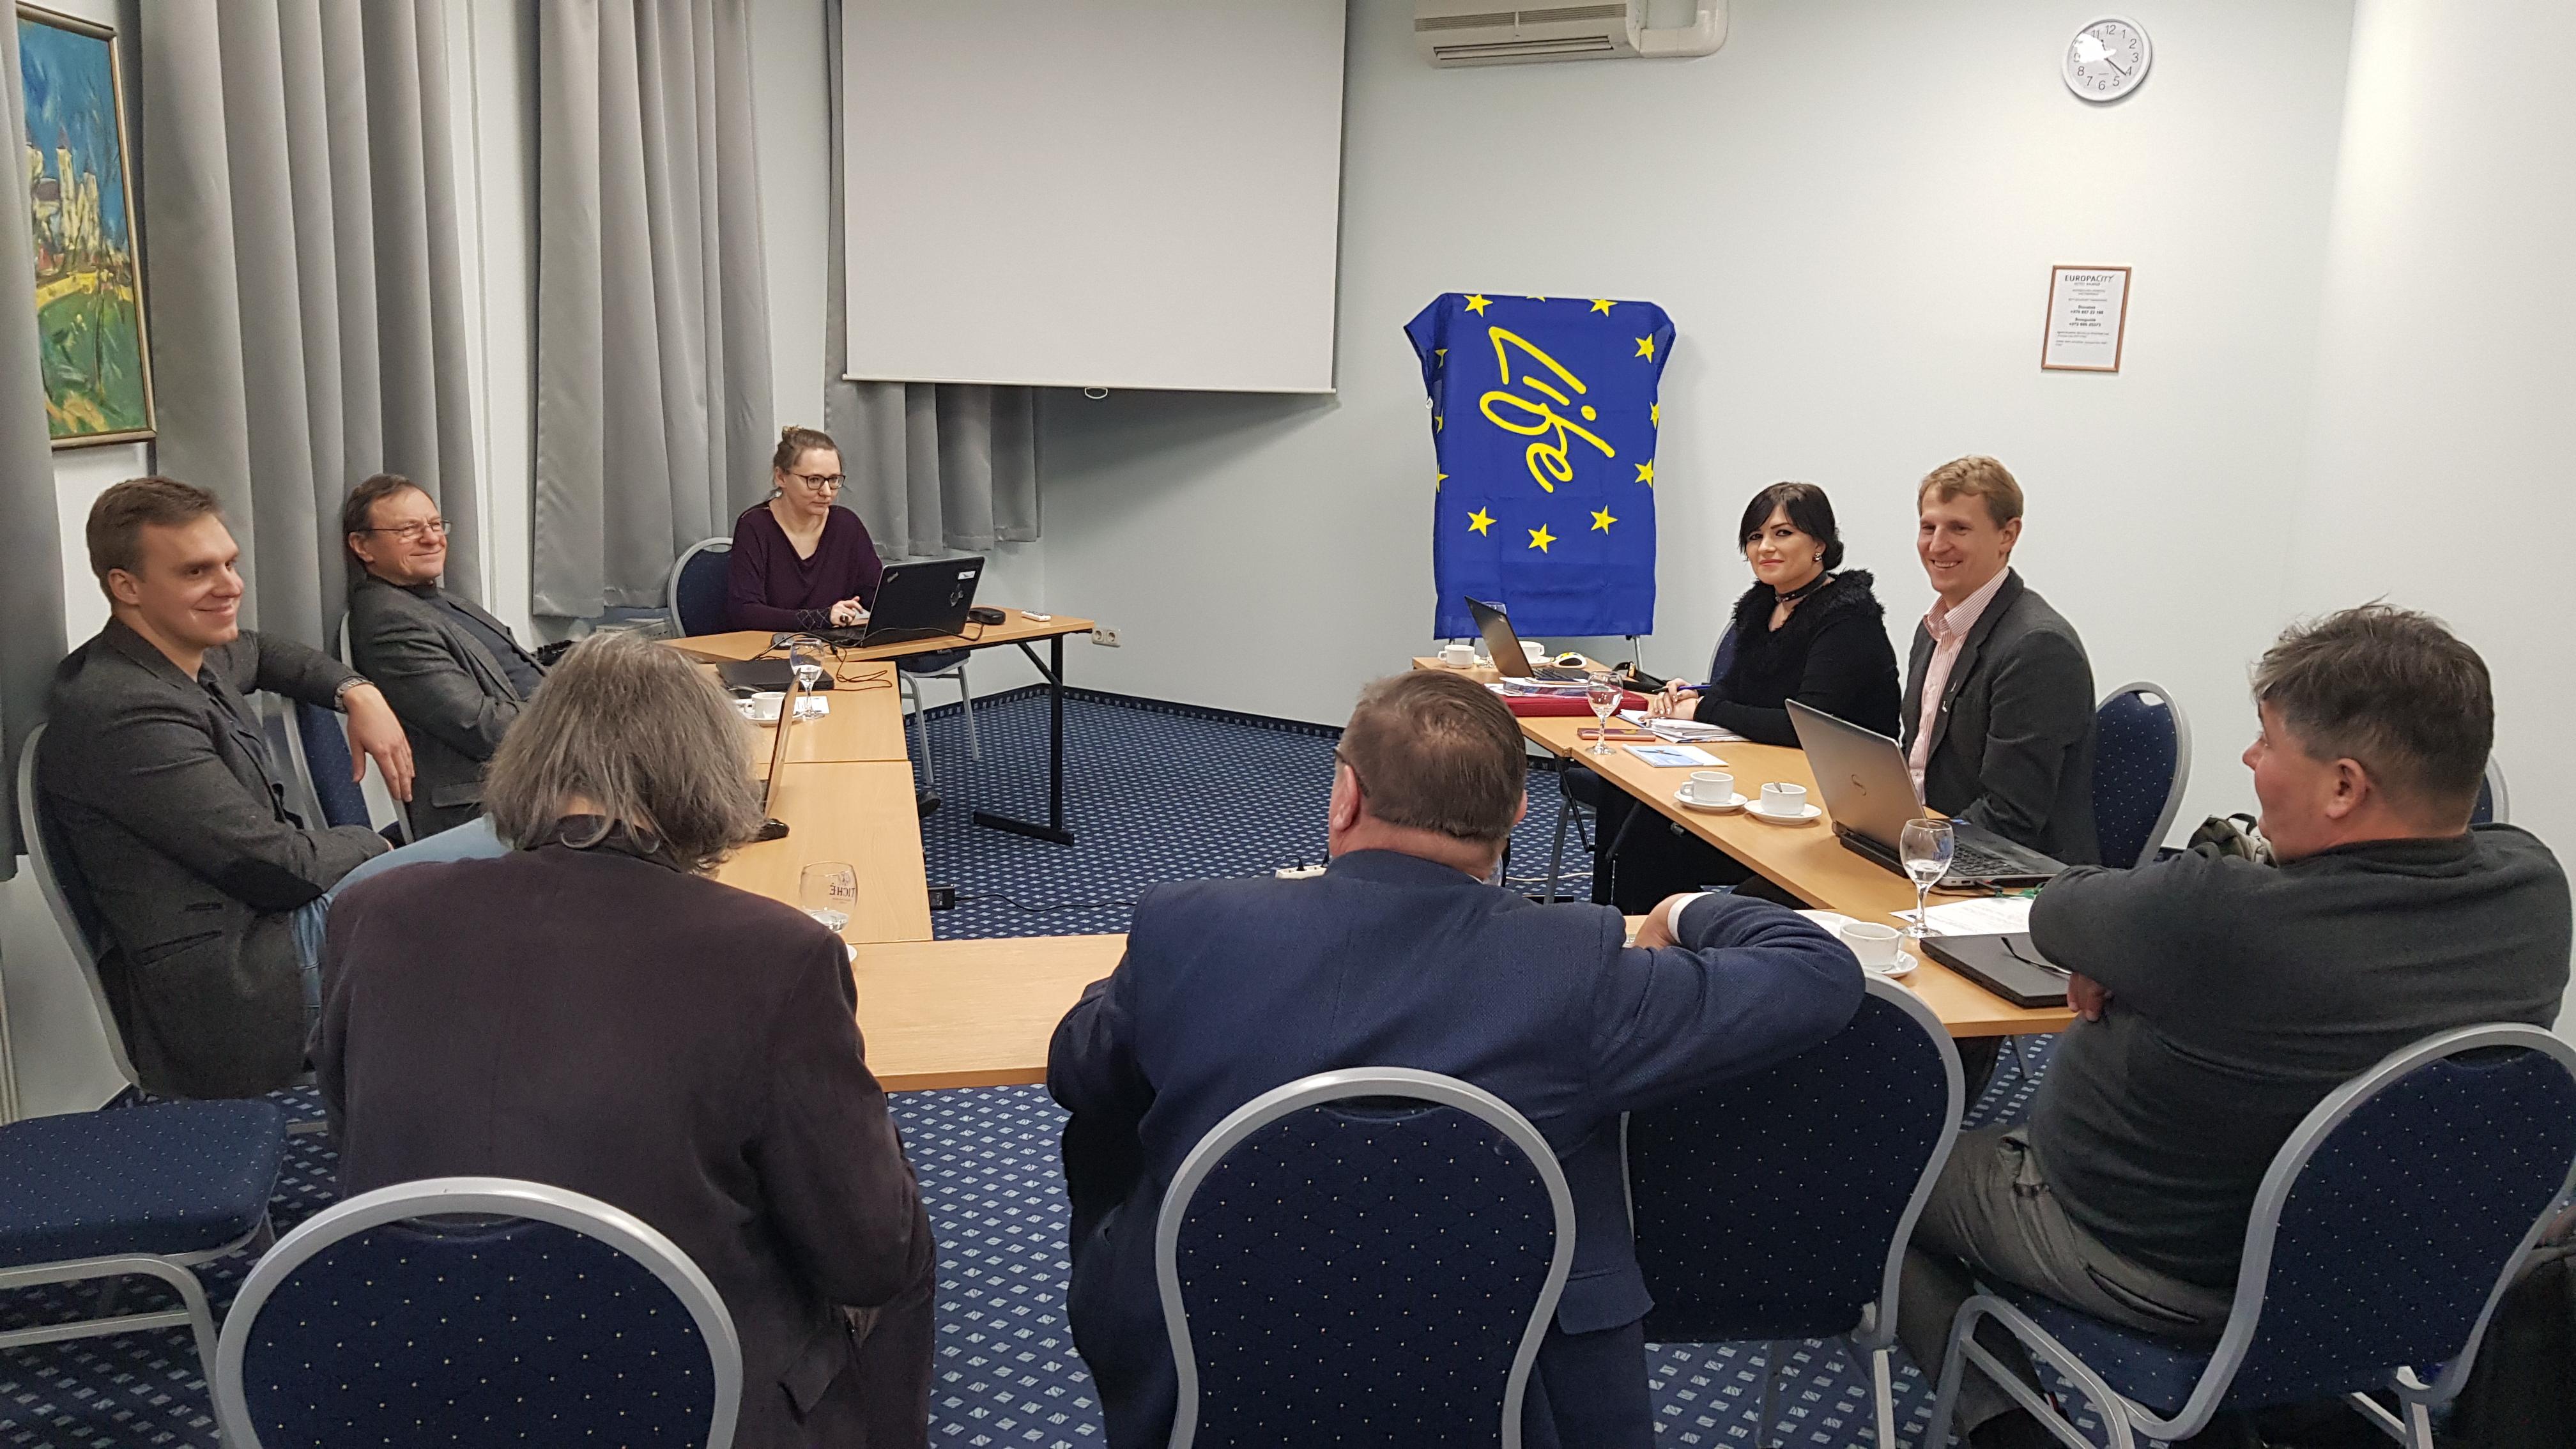 Įvyko paskutinis projekto stebėsenos komiteto posėdis